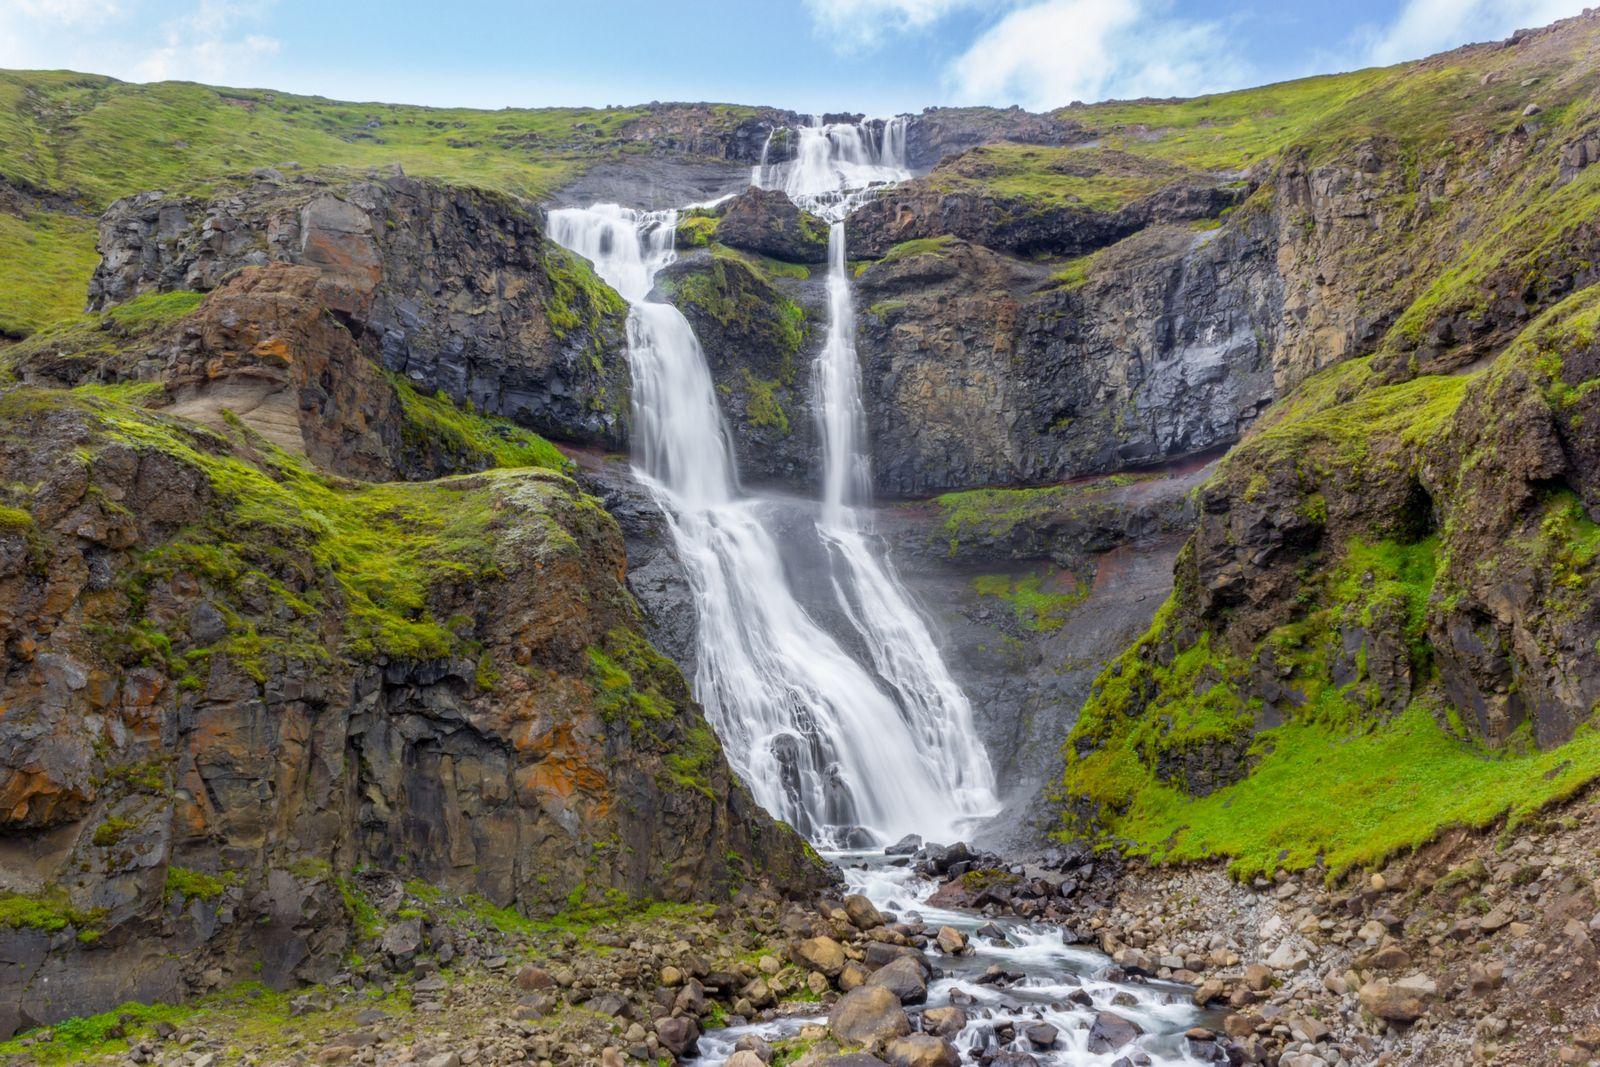 Un escenario perfecto coronado por una gran catarata